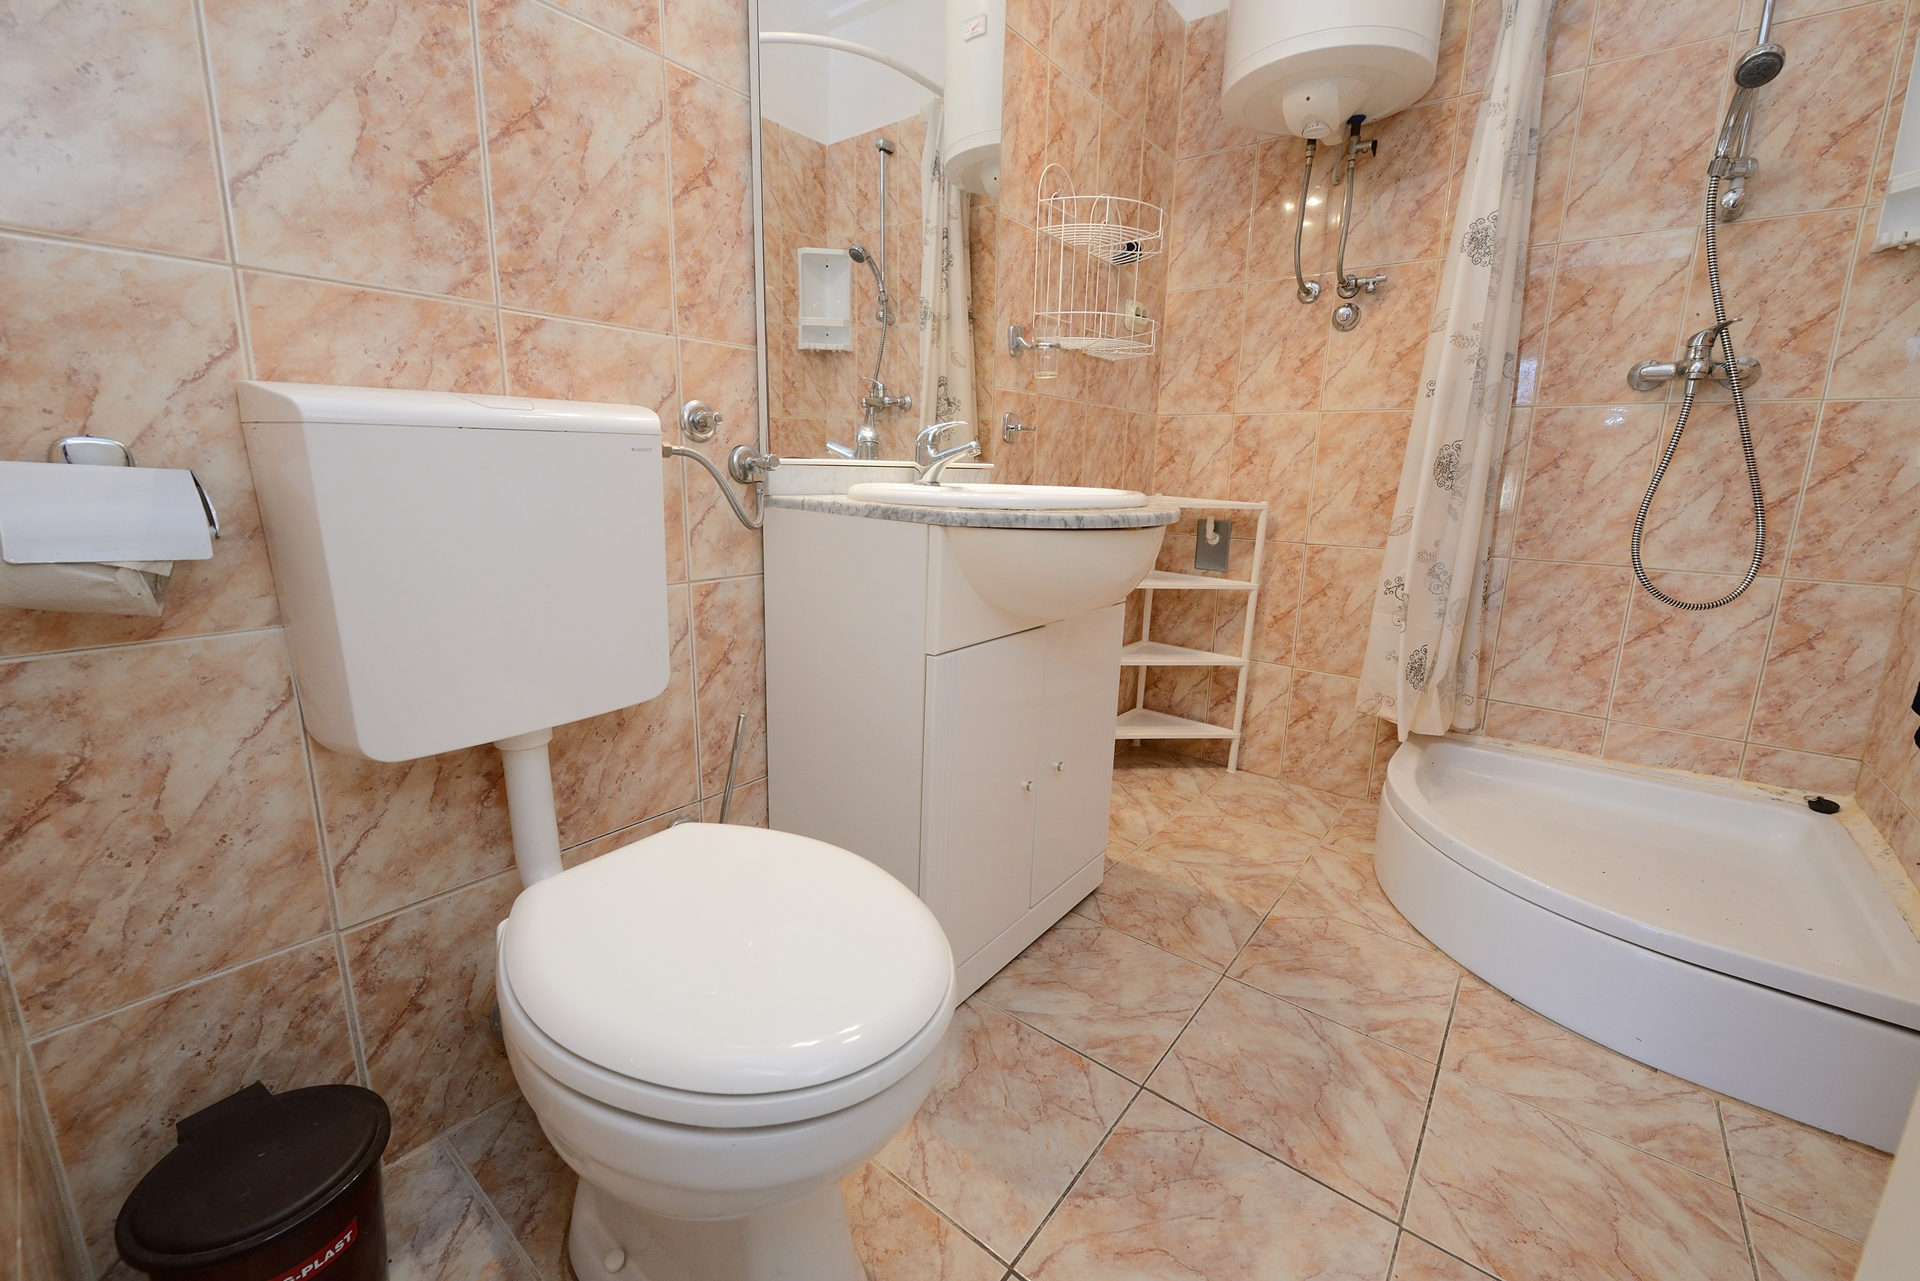 Martin - Lukoran - Vakantiehuizen, villa´s Kroatië - H(8): badkamer met toilet